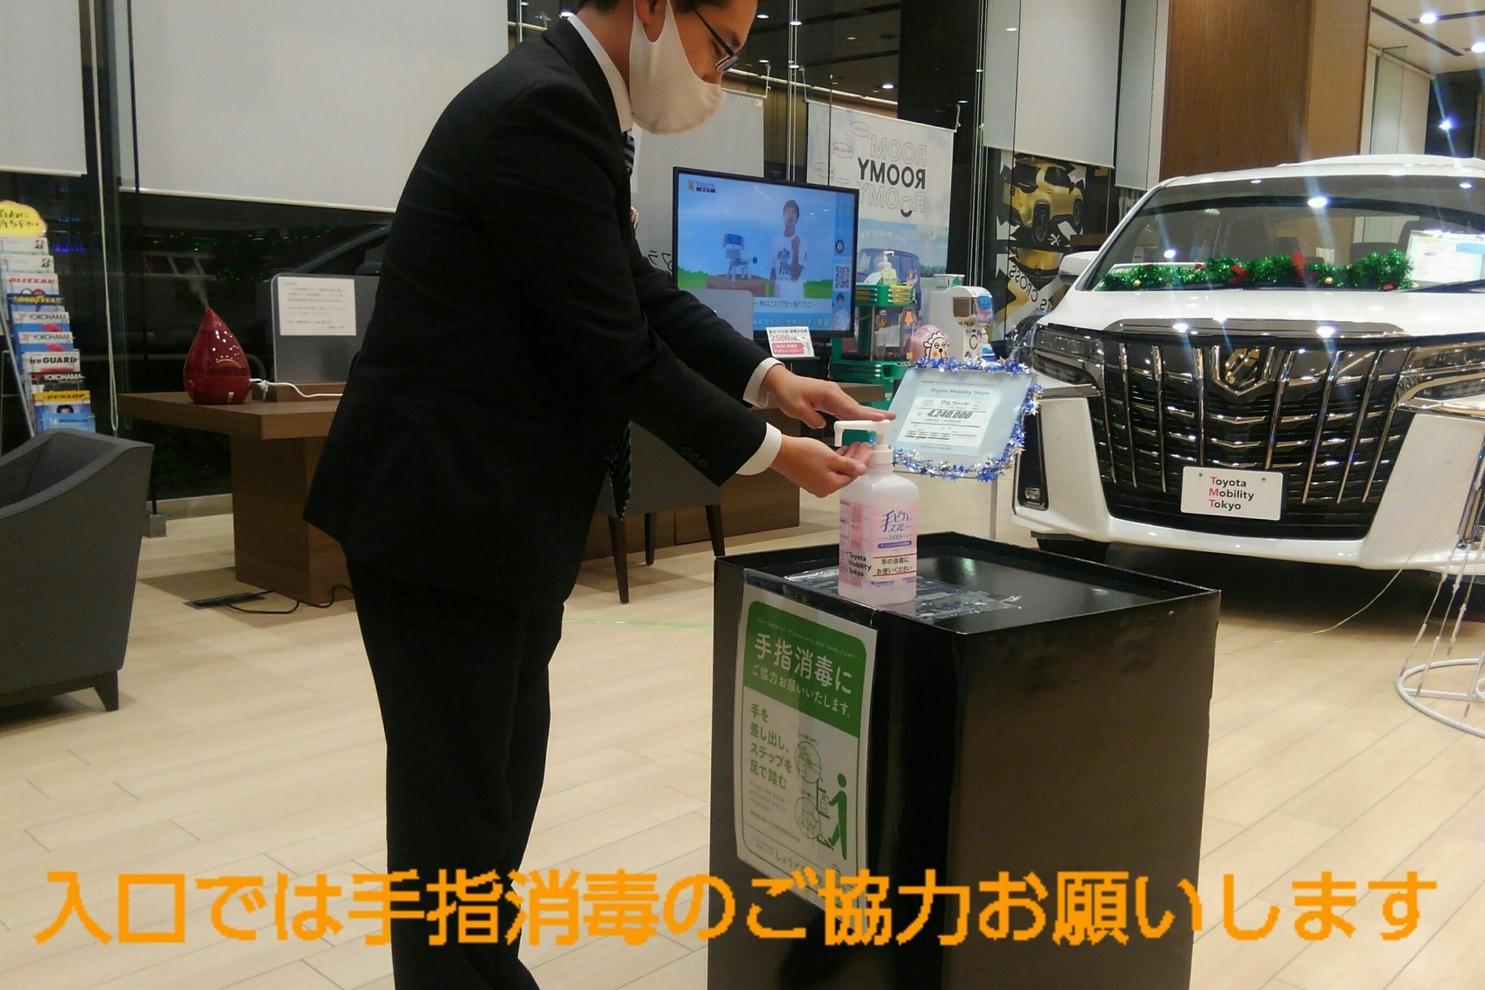 04A_勝島店入口消毒